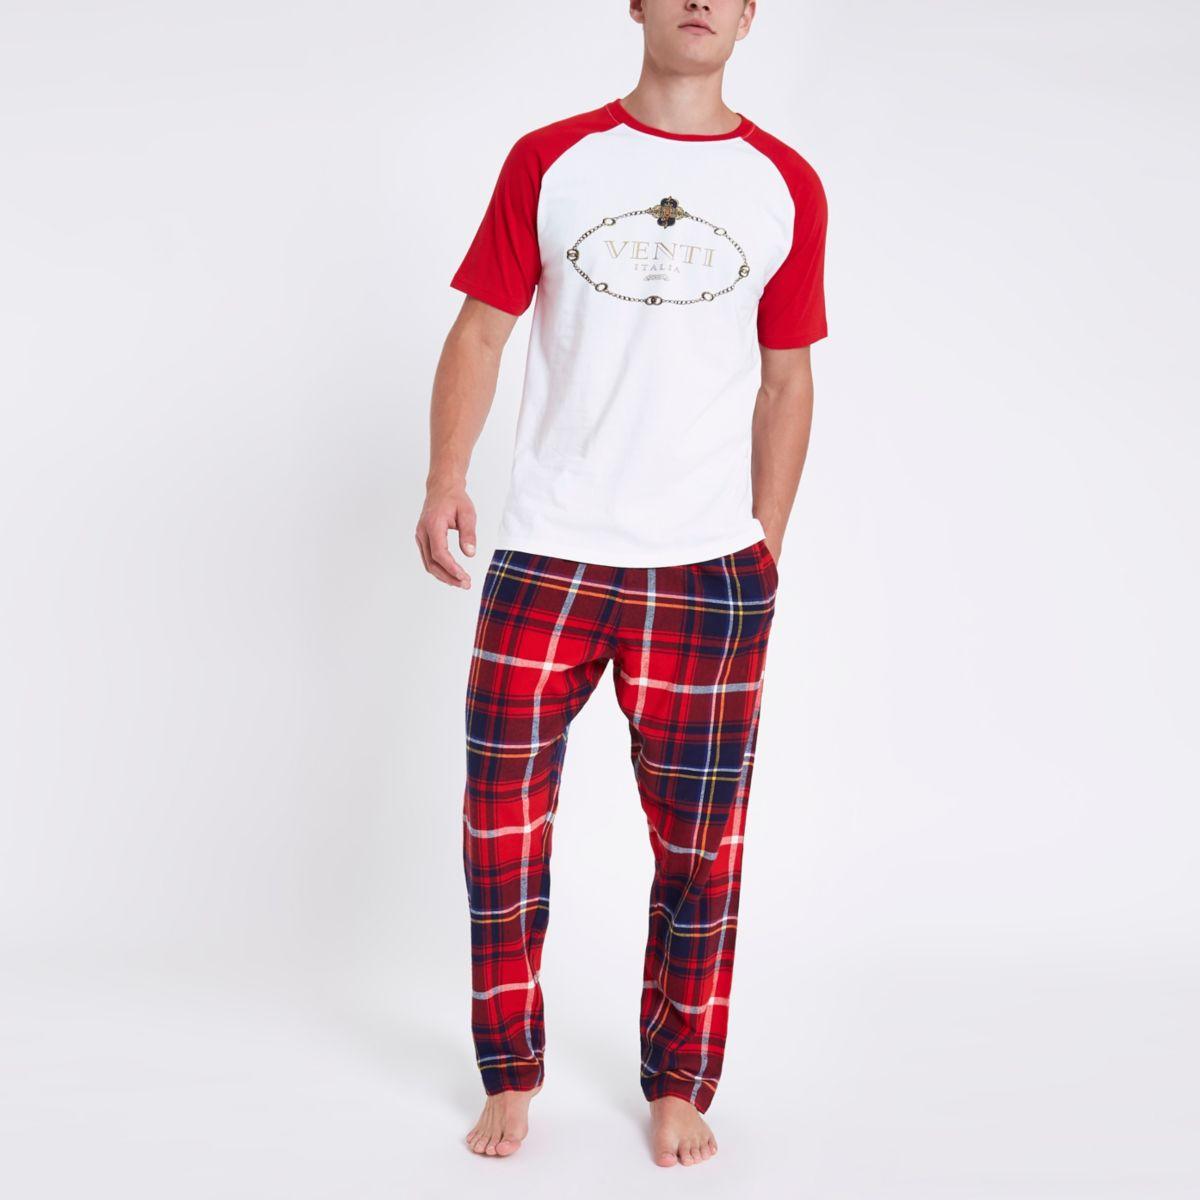 Red 'Venti' plaid check pajama set